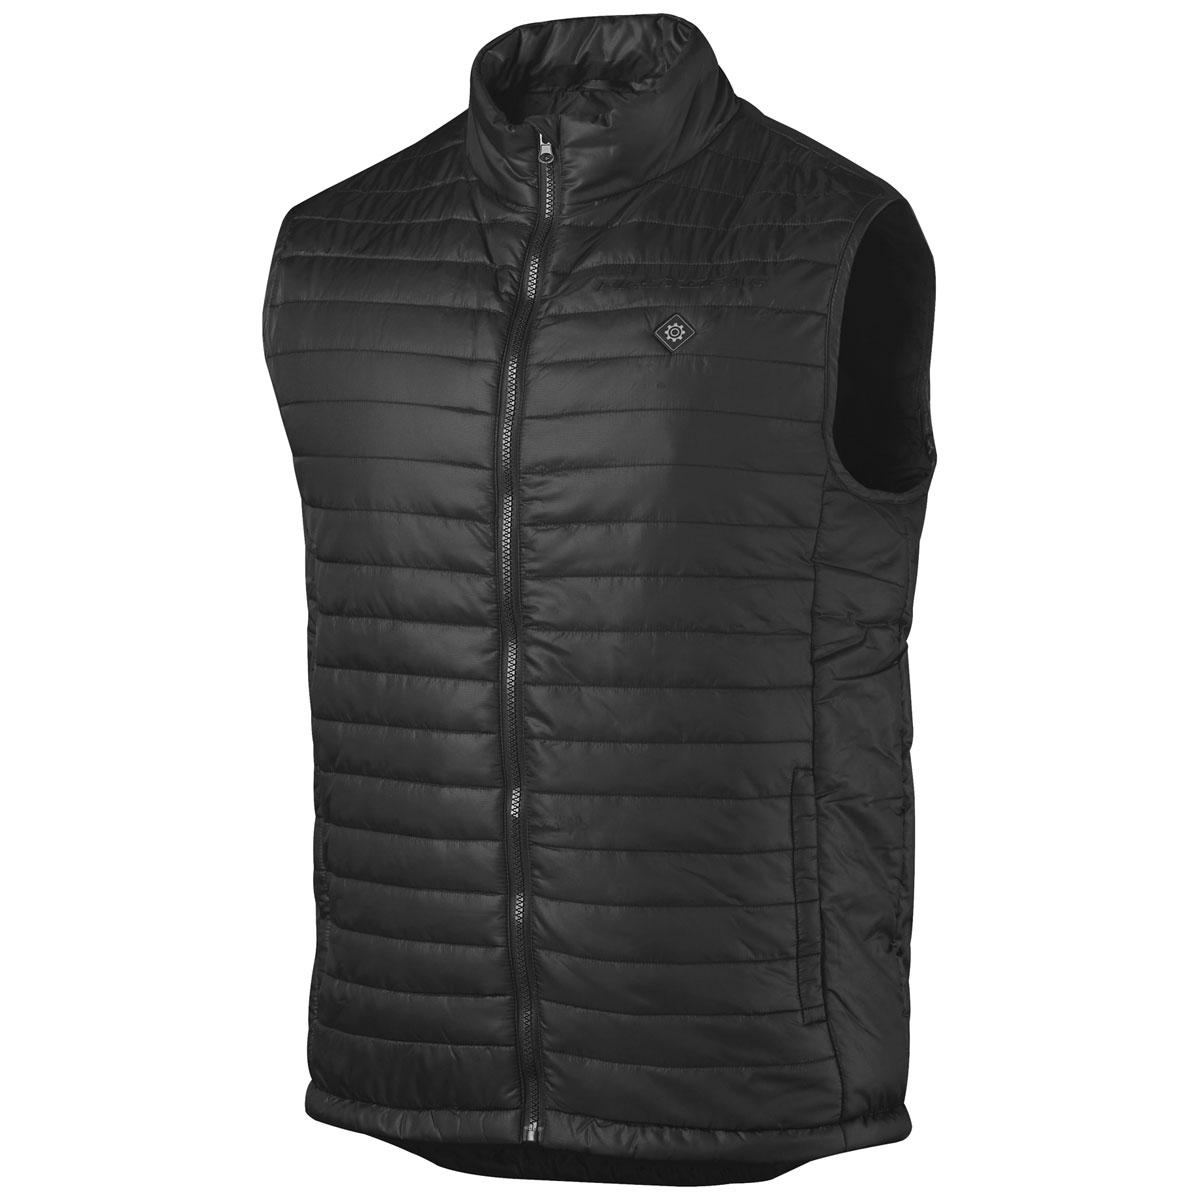 Firstgear Men's Heated Black Puffer Vest